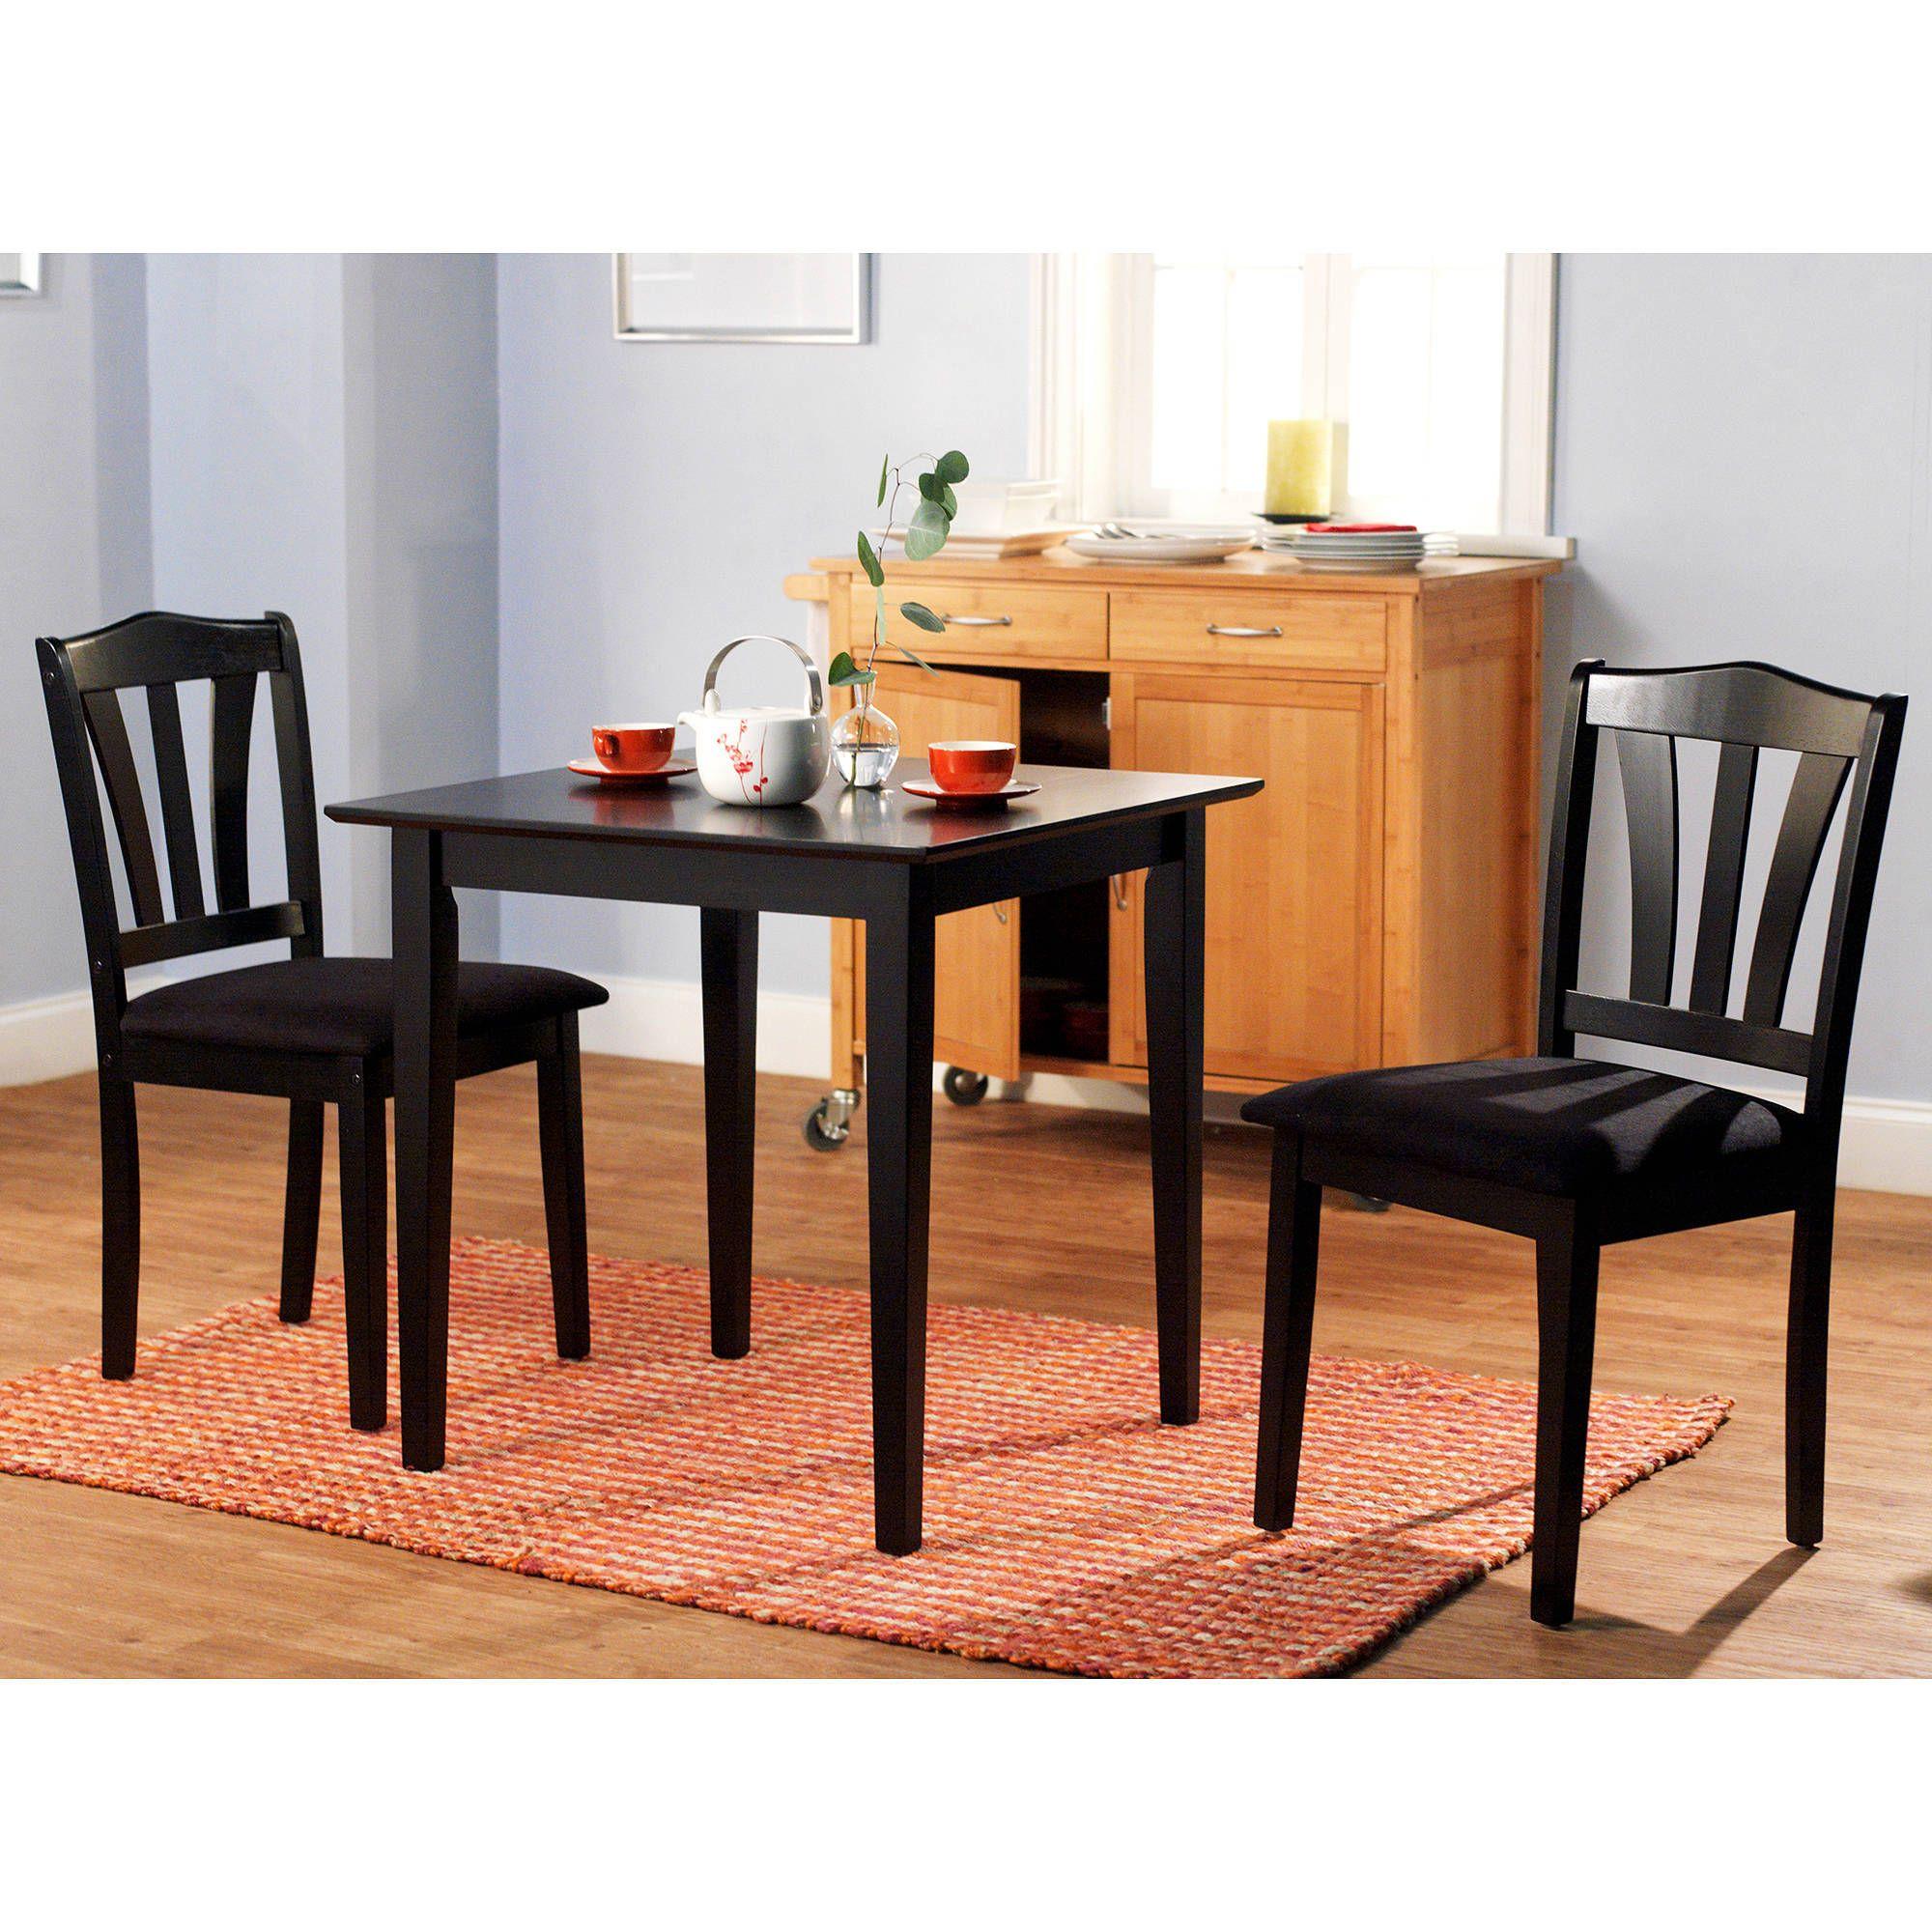 Möbel Dinette Sets Stück Schwarz Küche Tisch Esszimmer Amüsanten El Bett